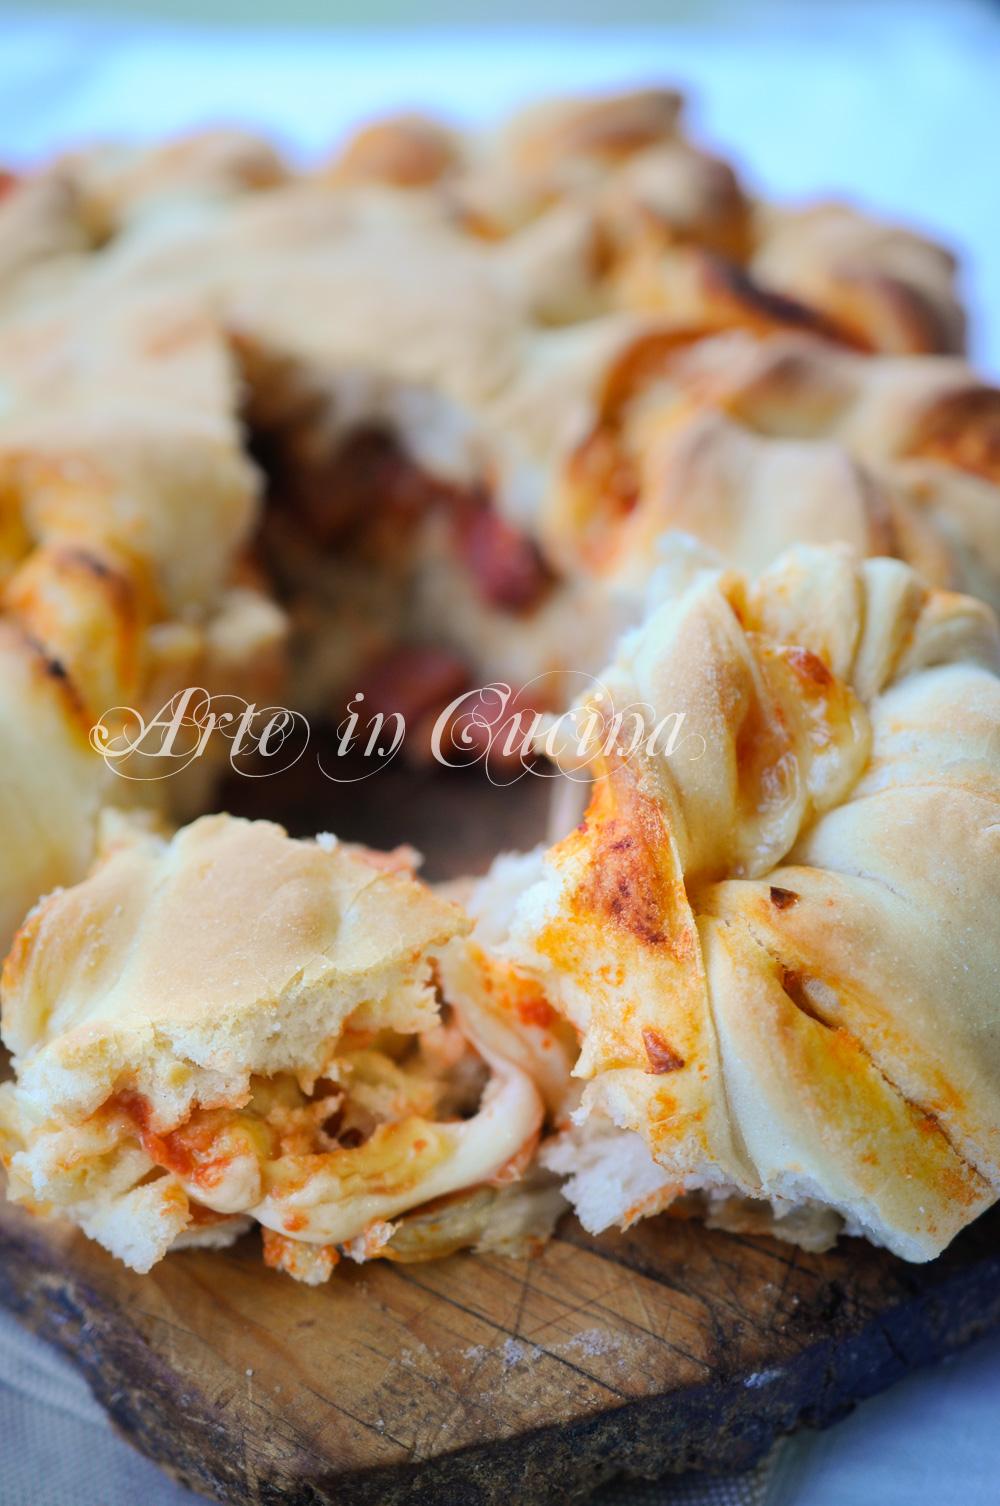 Fiore di pan brioche salato alla pizza ricetta facile vickyart arte in cucina